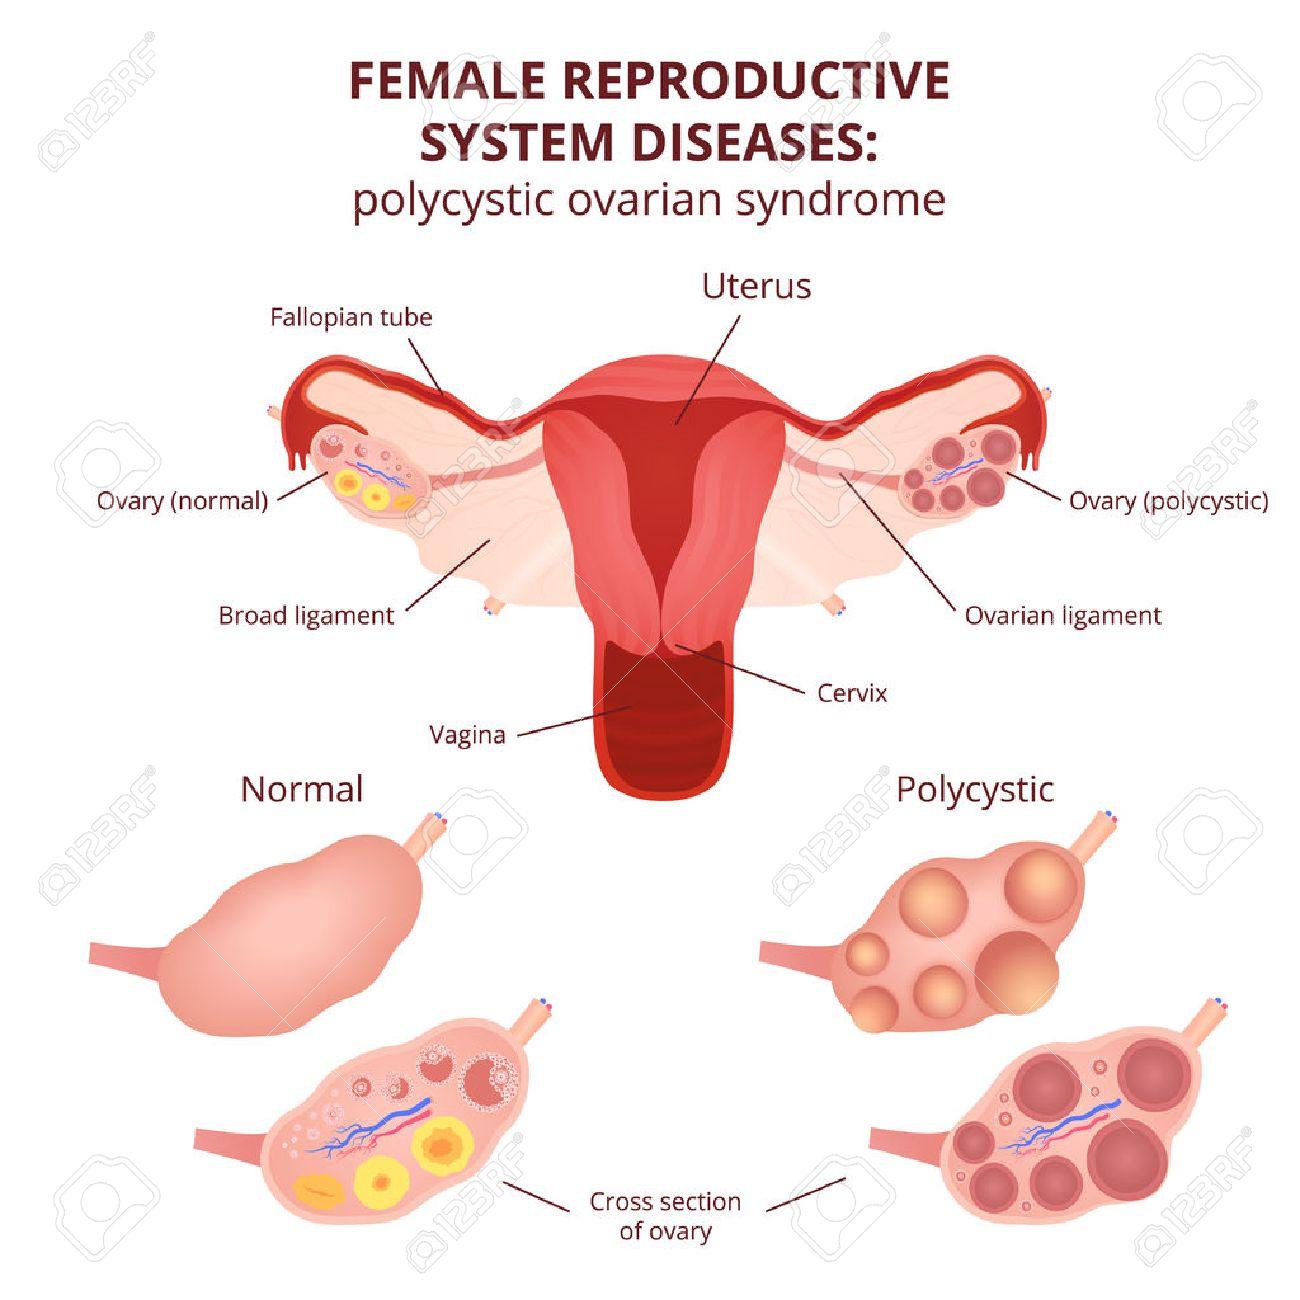 Sistema Reproductivo Femenino, El Esquema De útero Y Los Ovarios, El ...